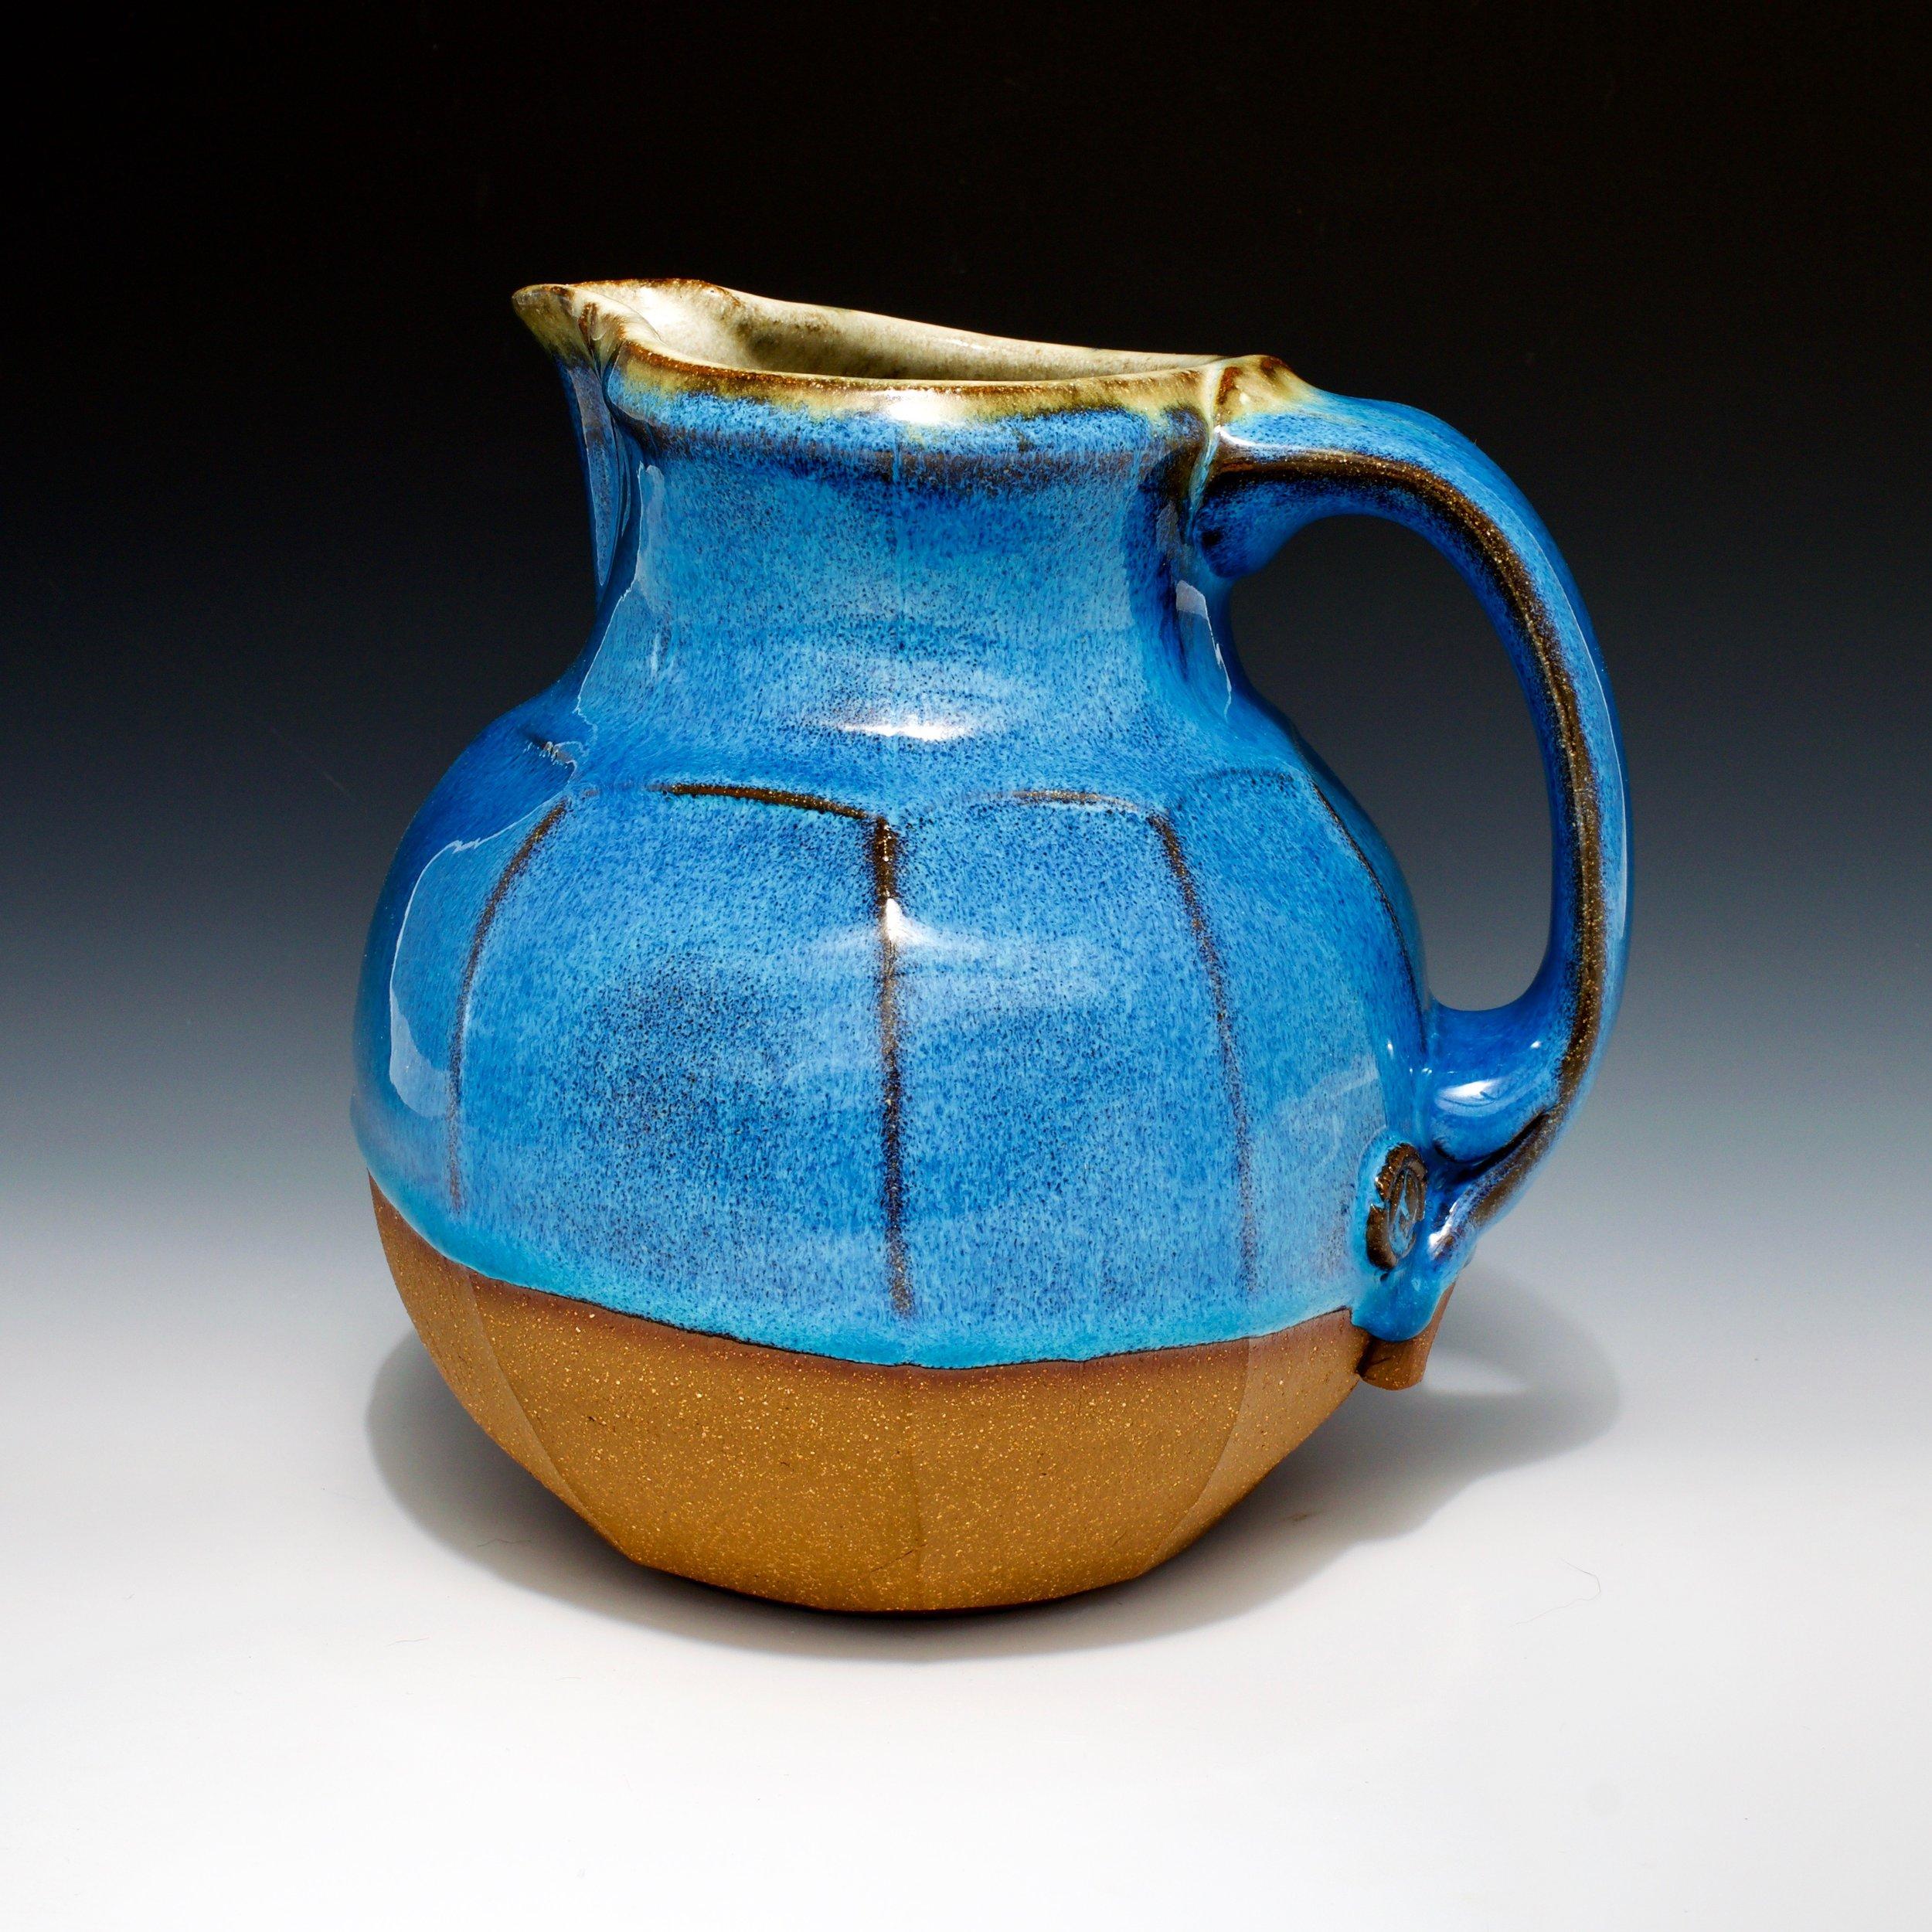 stoneware pottery wheel-thrown Ceramic Shino Pitcher